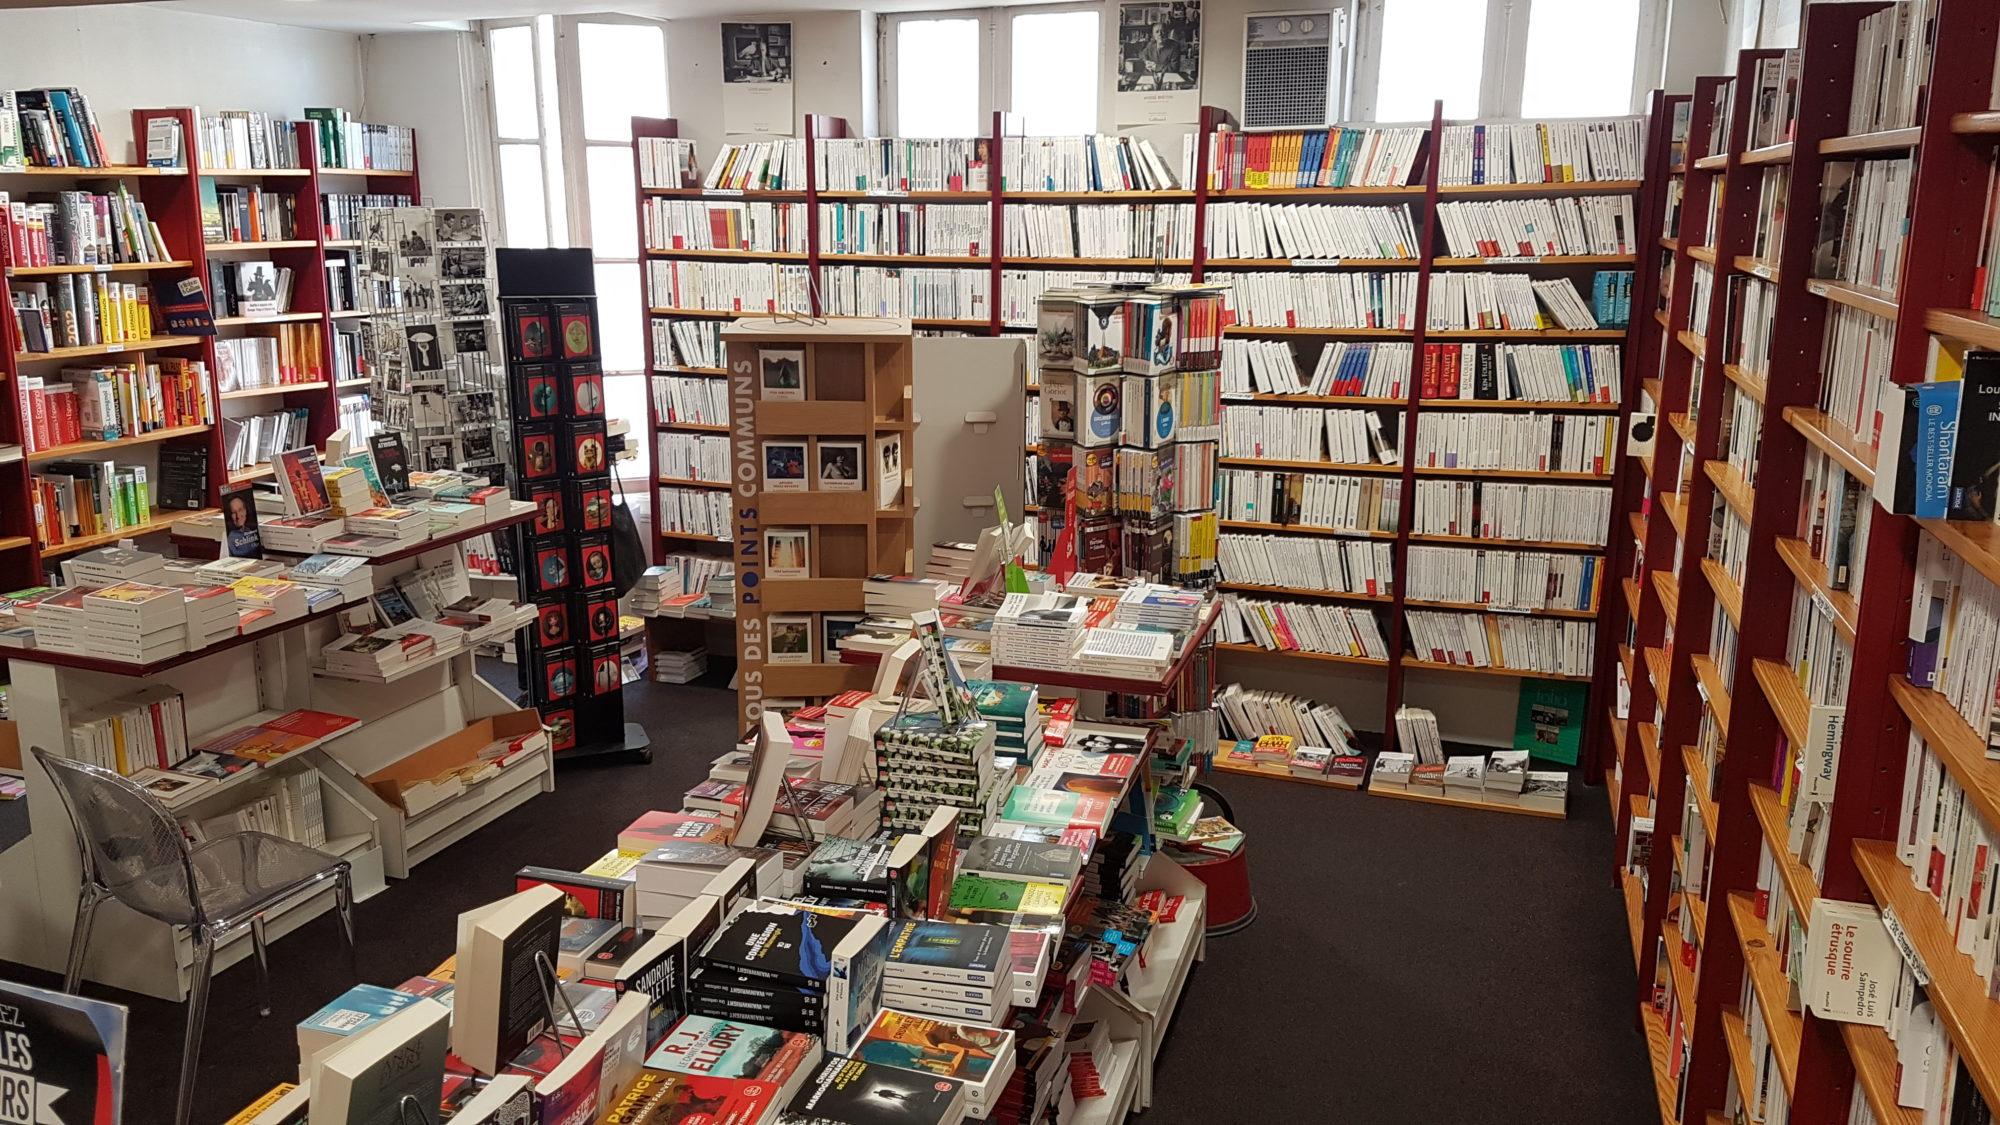 librairie calligrammes